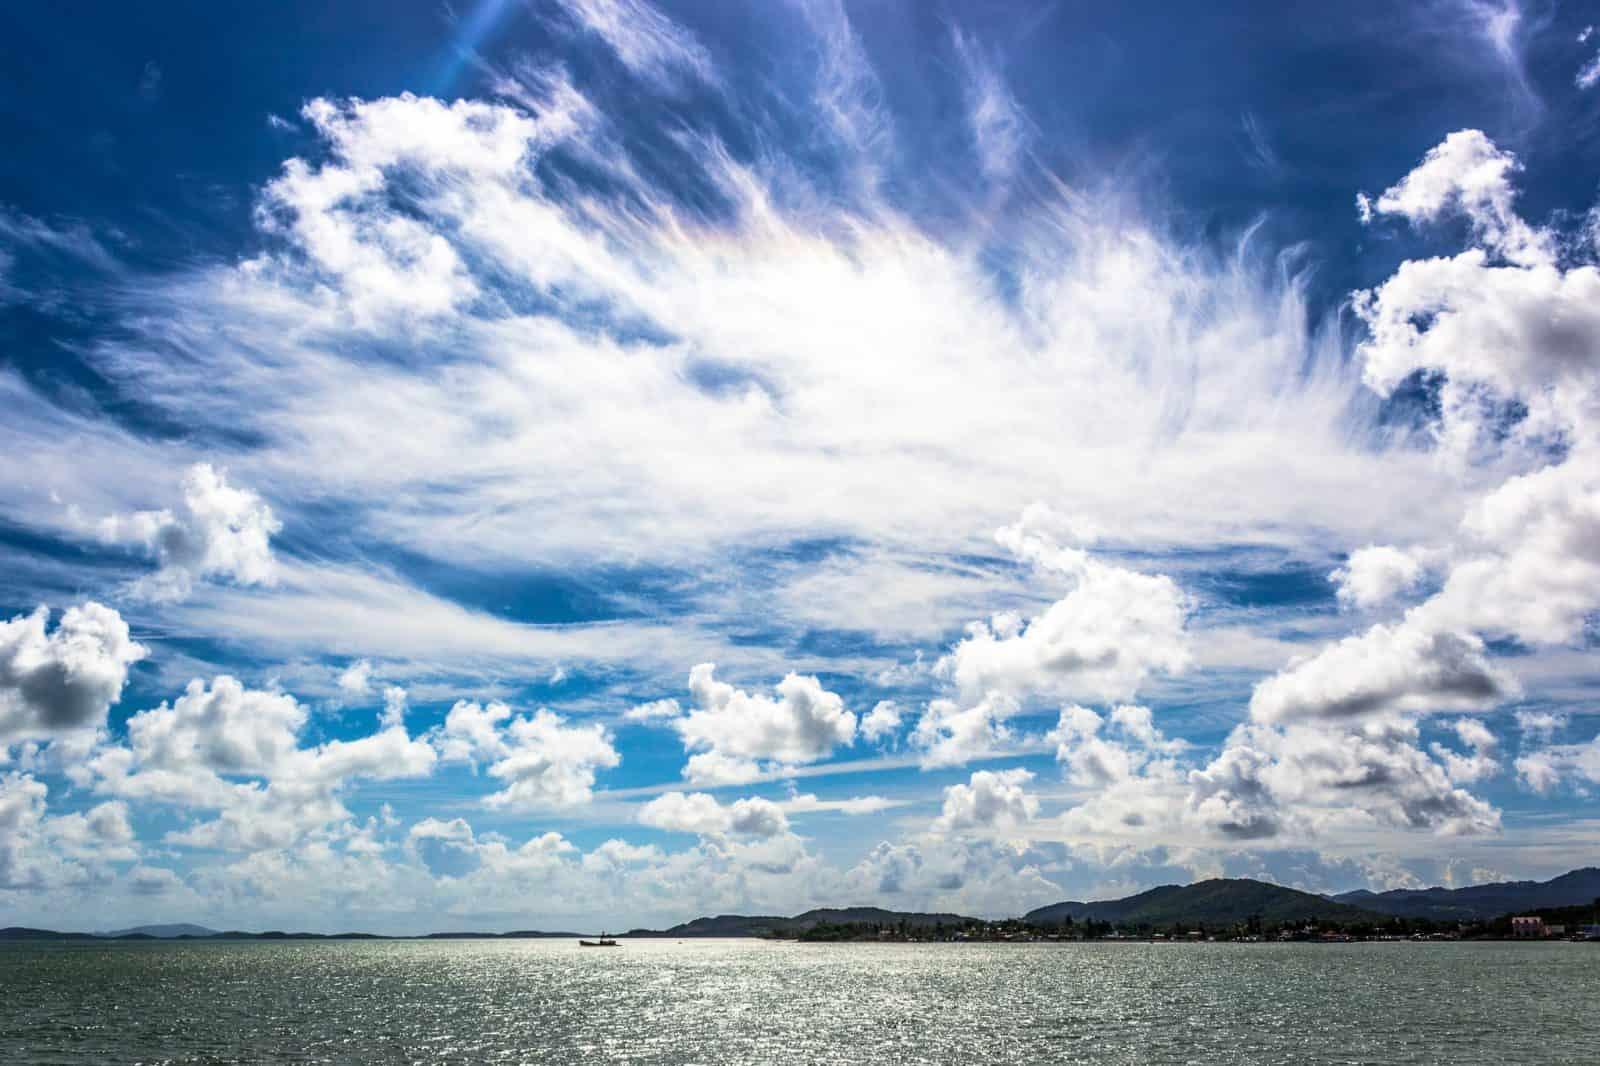 Clouds in Fajardo